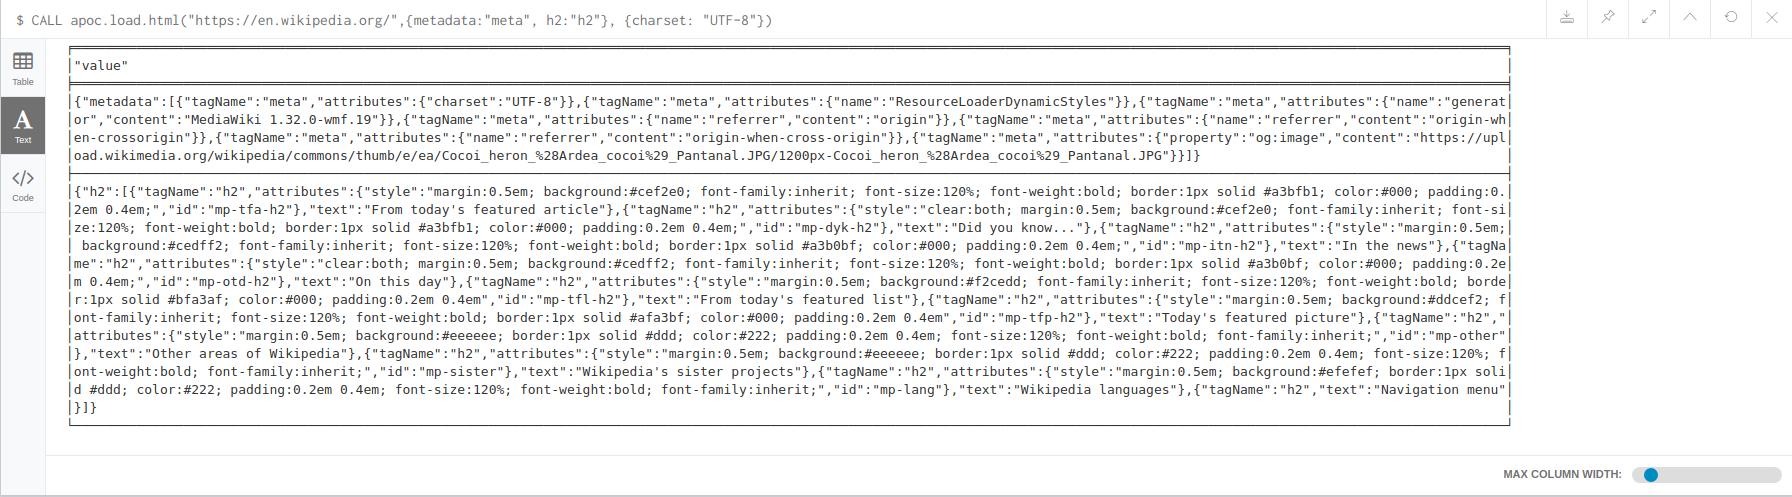 apoc.load.htmlconfig